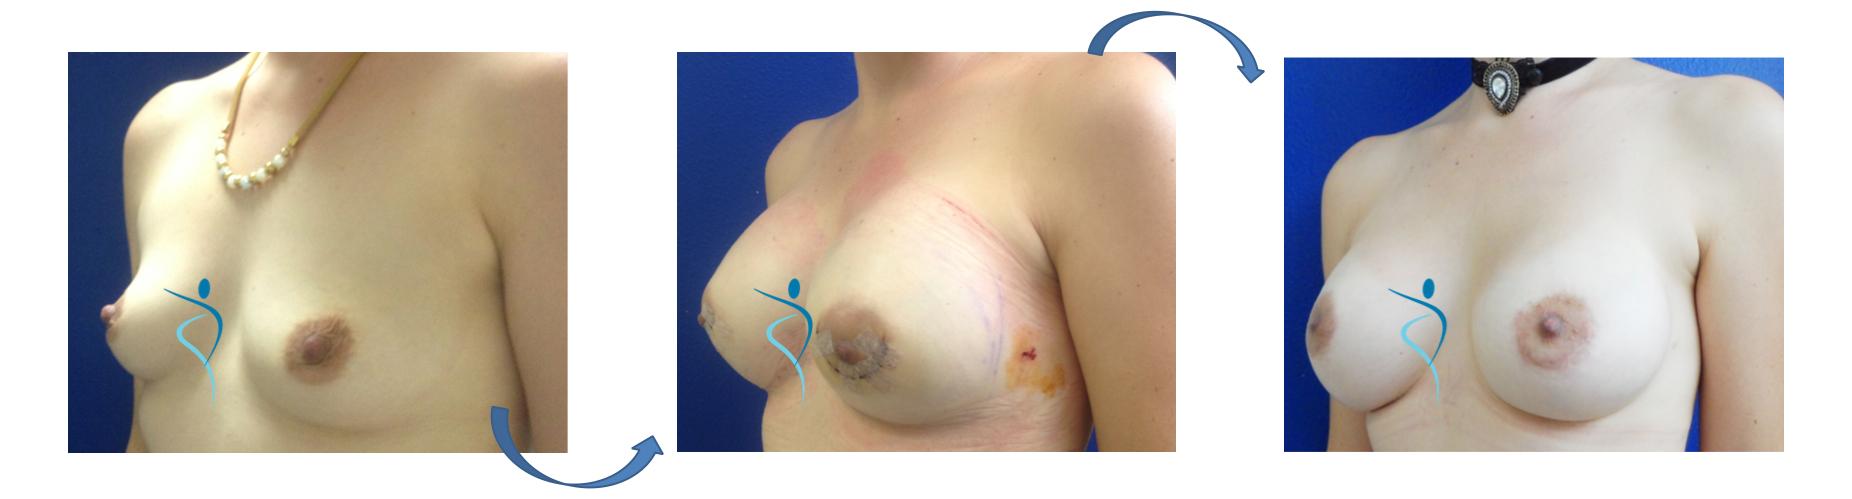 risultati chirurgia plastica idone